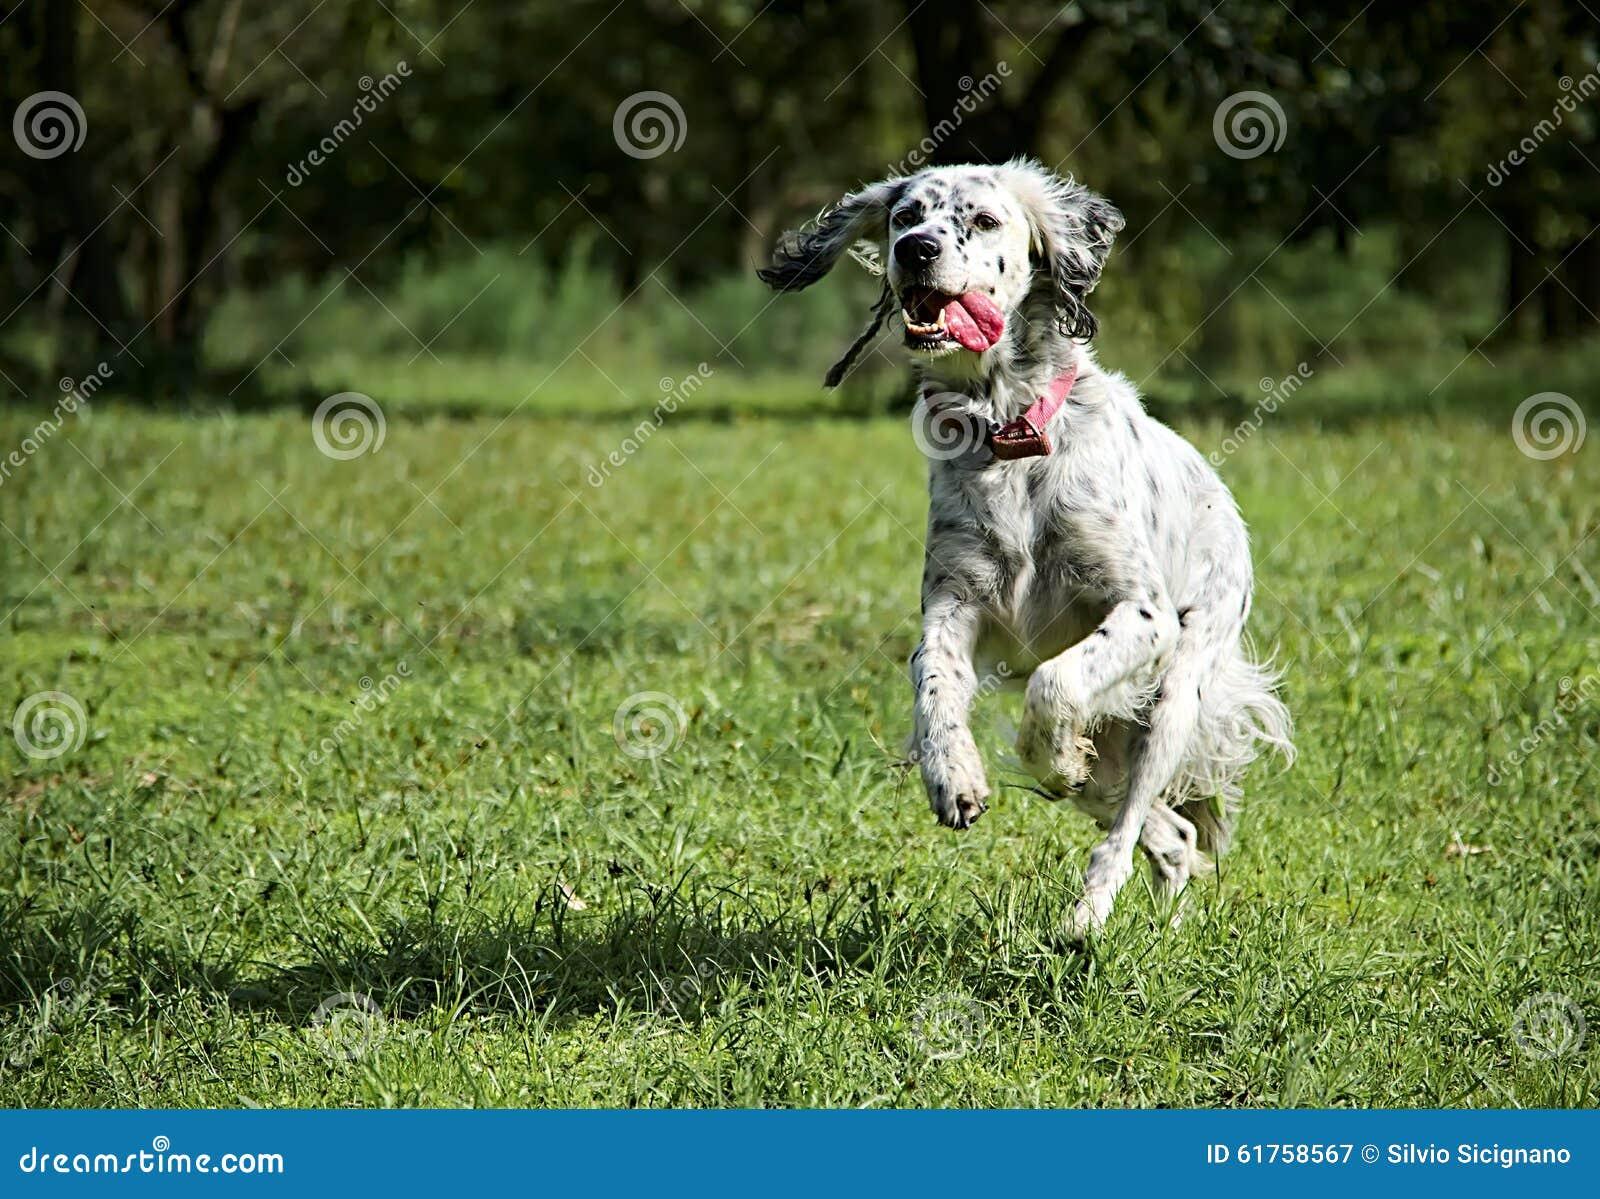 Cane animale domestico funzionamento attivo energia - Animale domestico da colorare pagine gratis ...